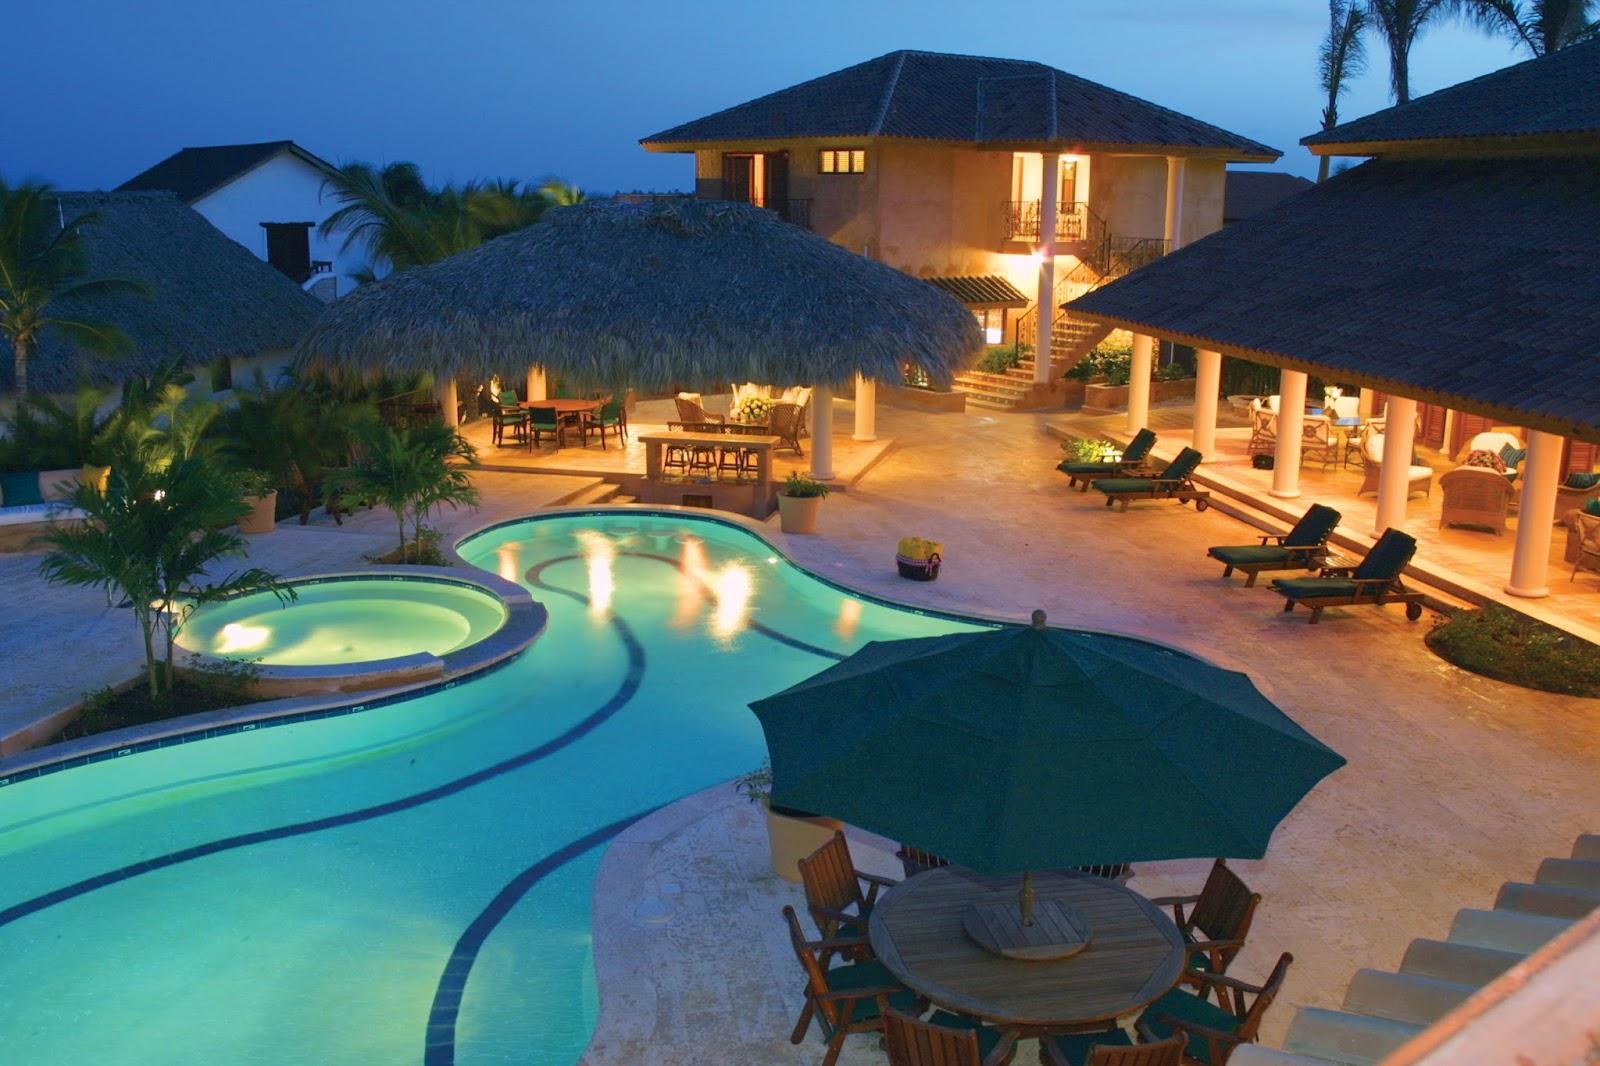 Imagenes hilandy fondo de pantalla hotel de lujo con for Hoteles de lujo fotos